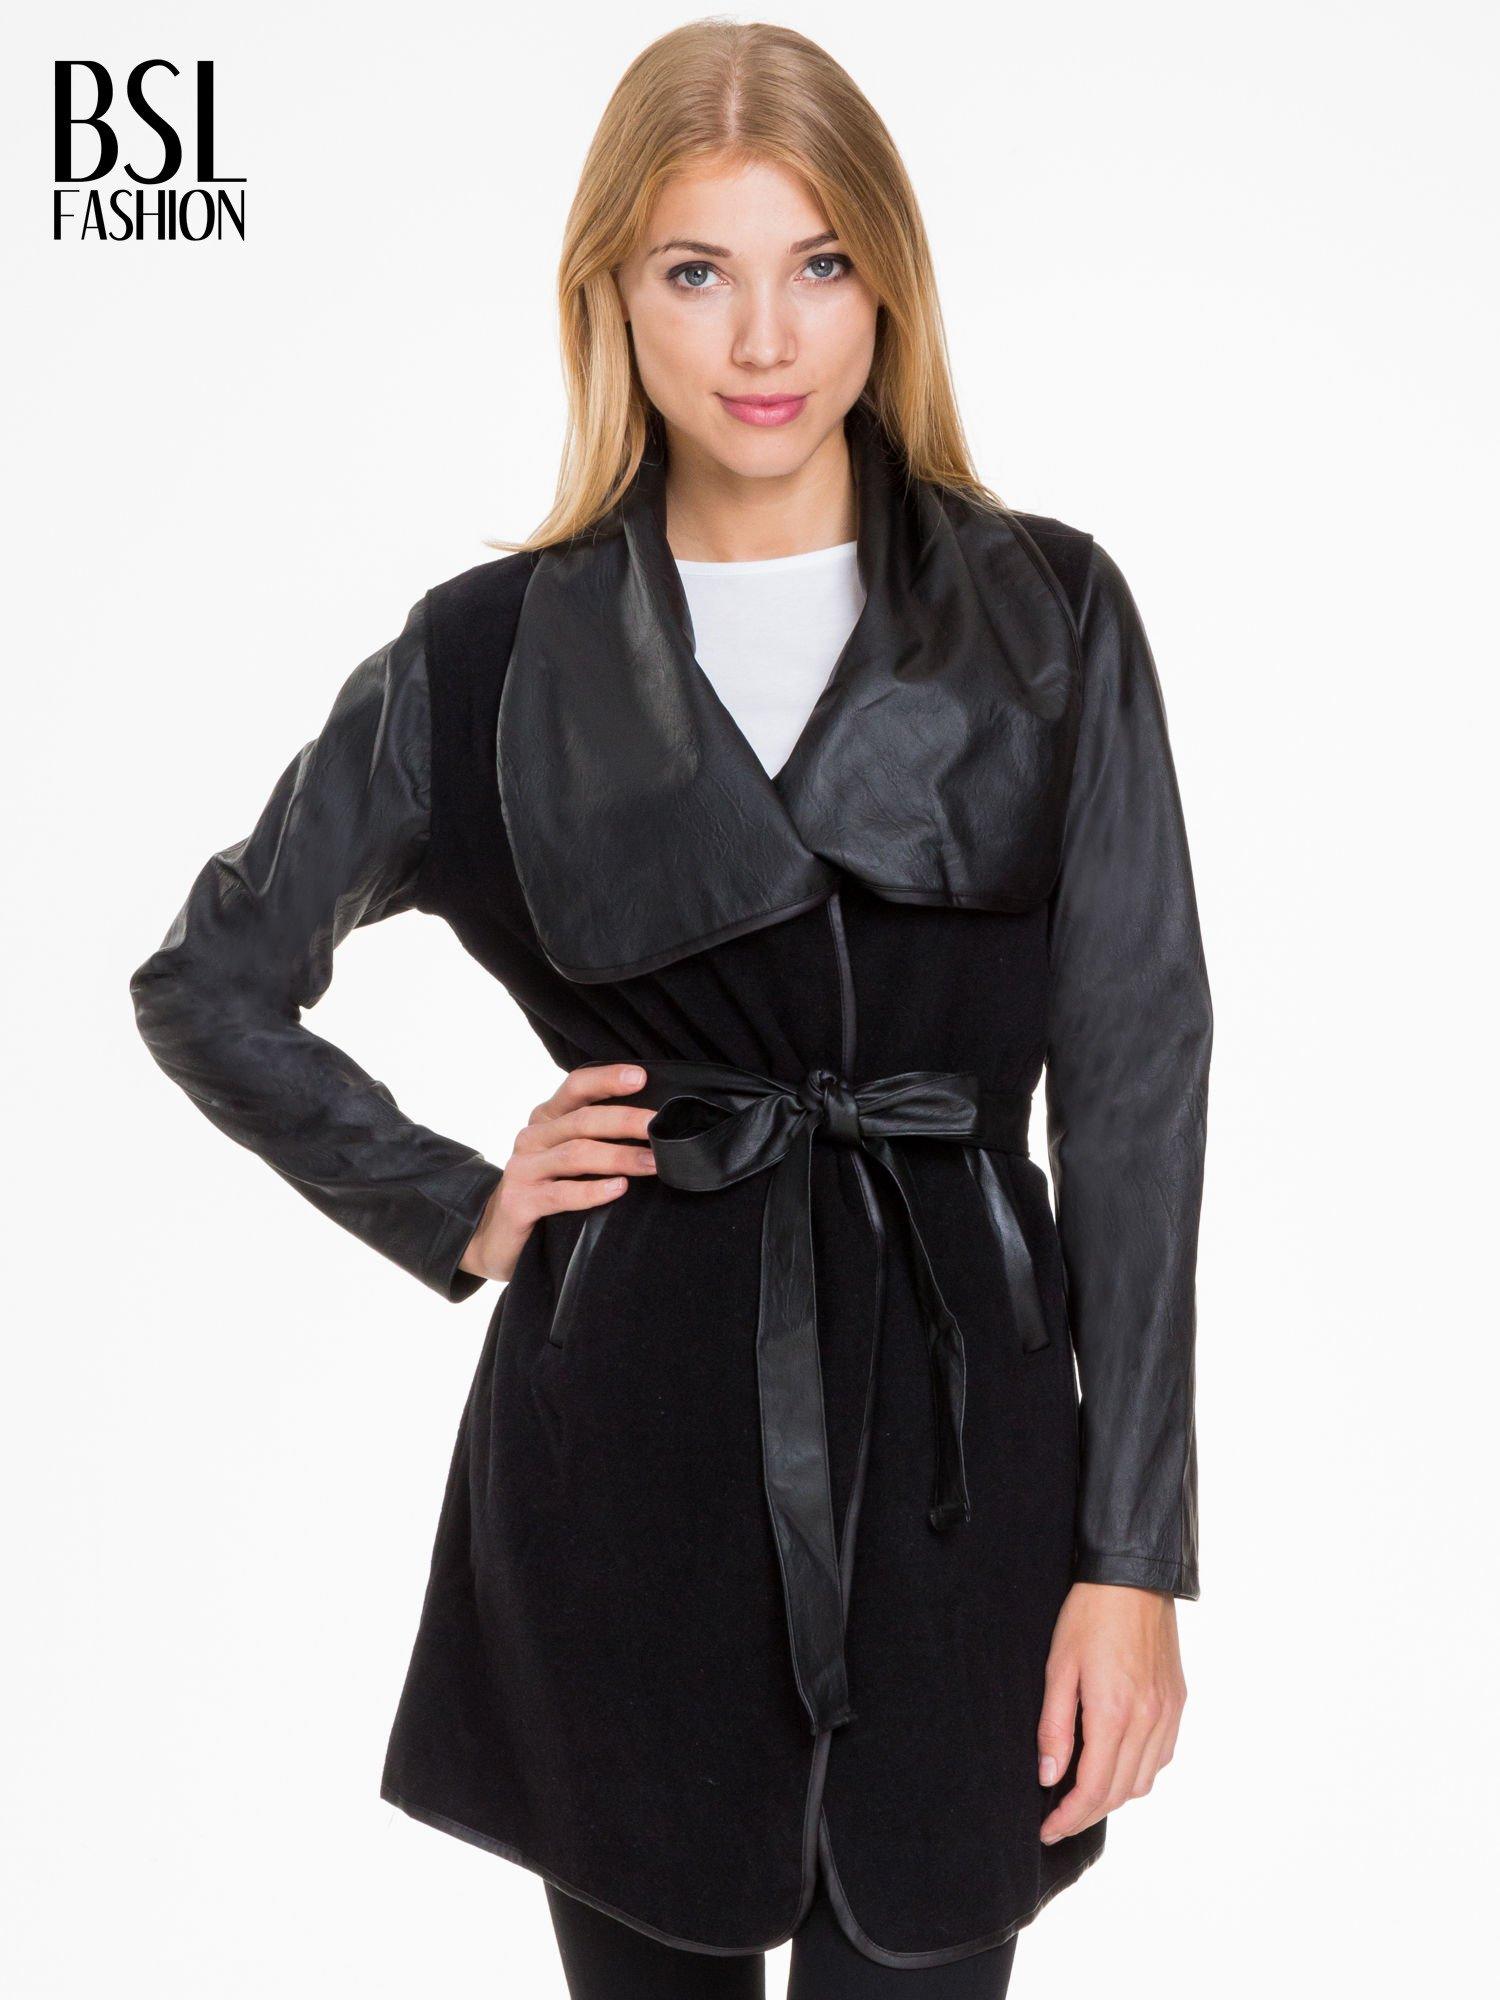 Czarny wełniany płaszcz ze skórzanymi rękawami                                  zdj.                                  1